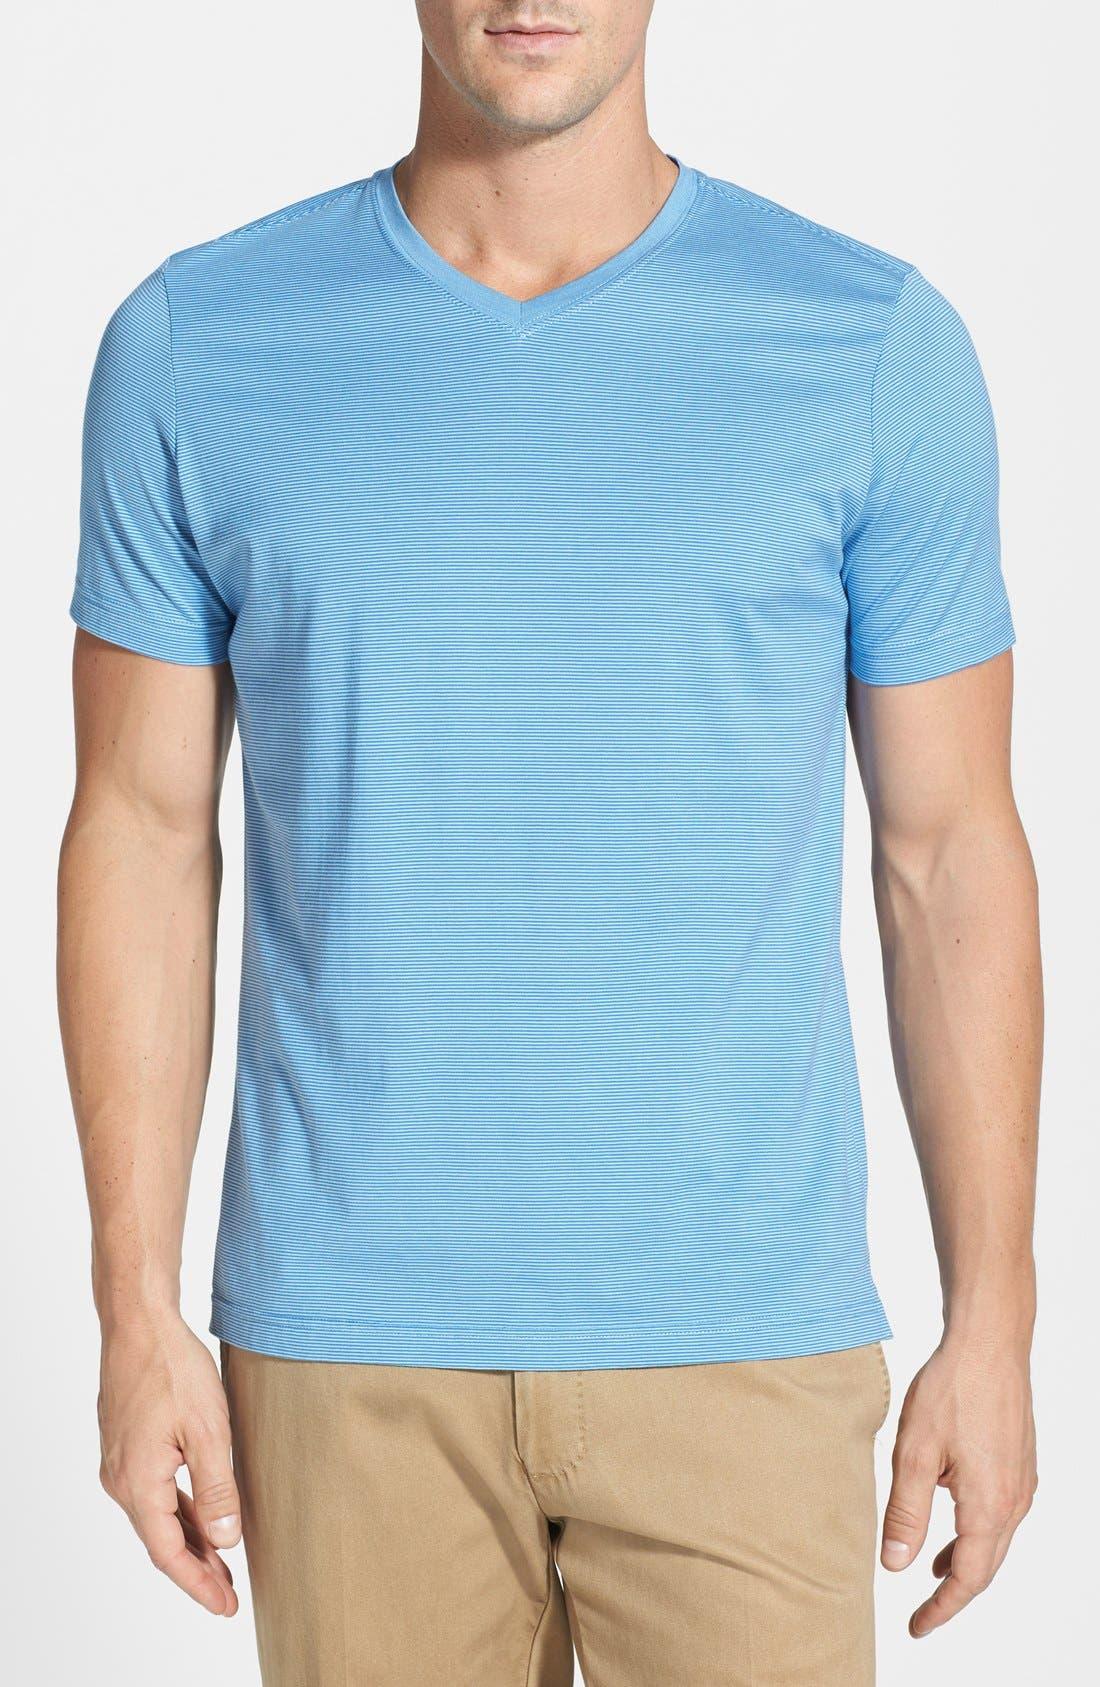 Alternate Image 1 Selected - Robert Barakett 'Armand' Modern Fit V-Neck T-Shirt